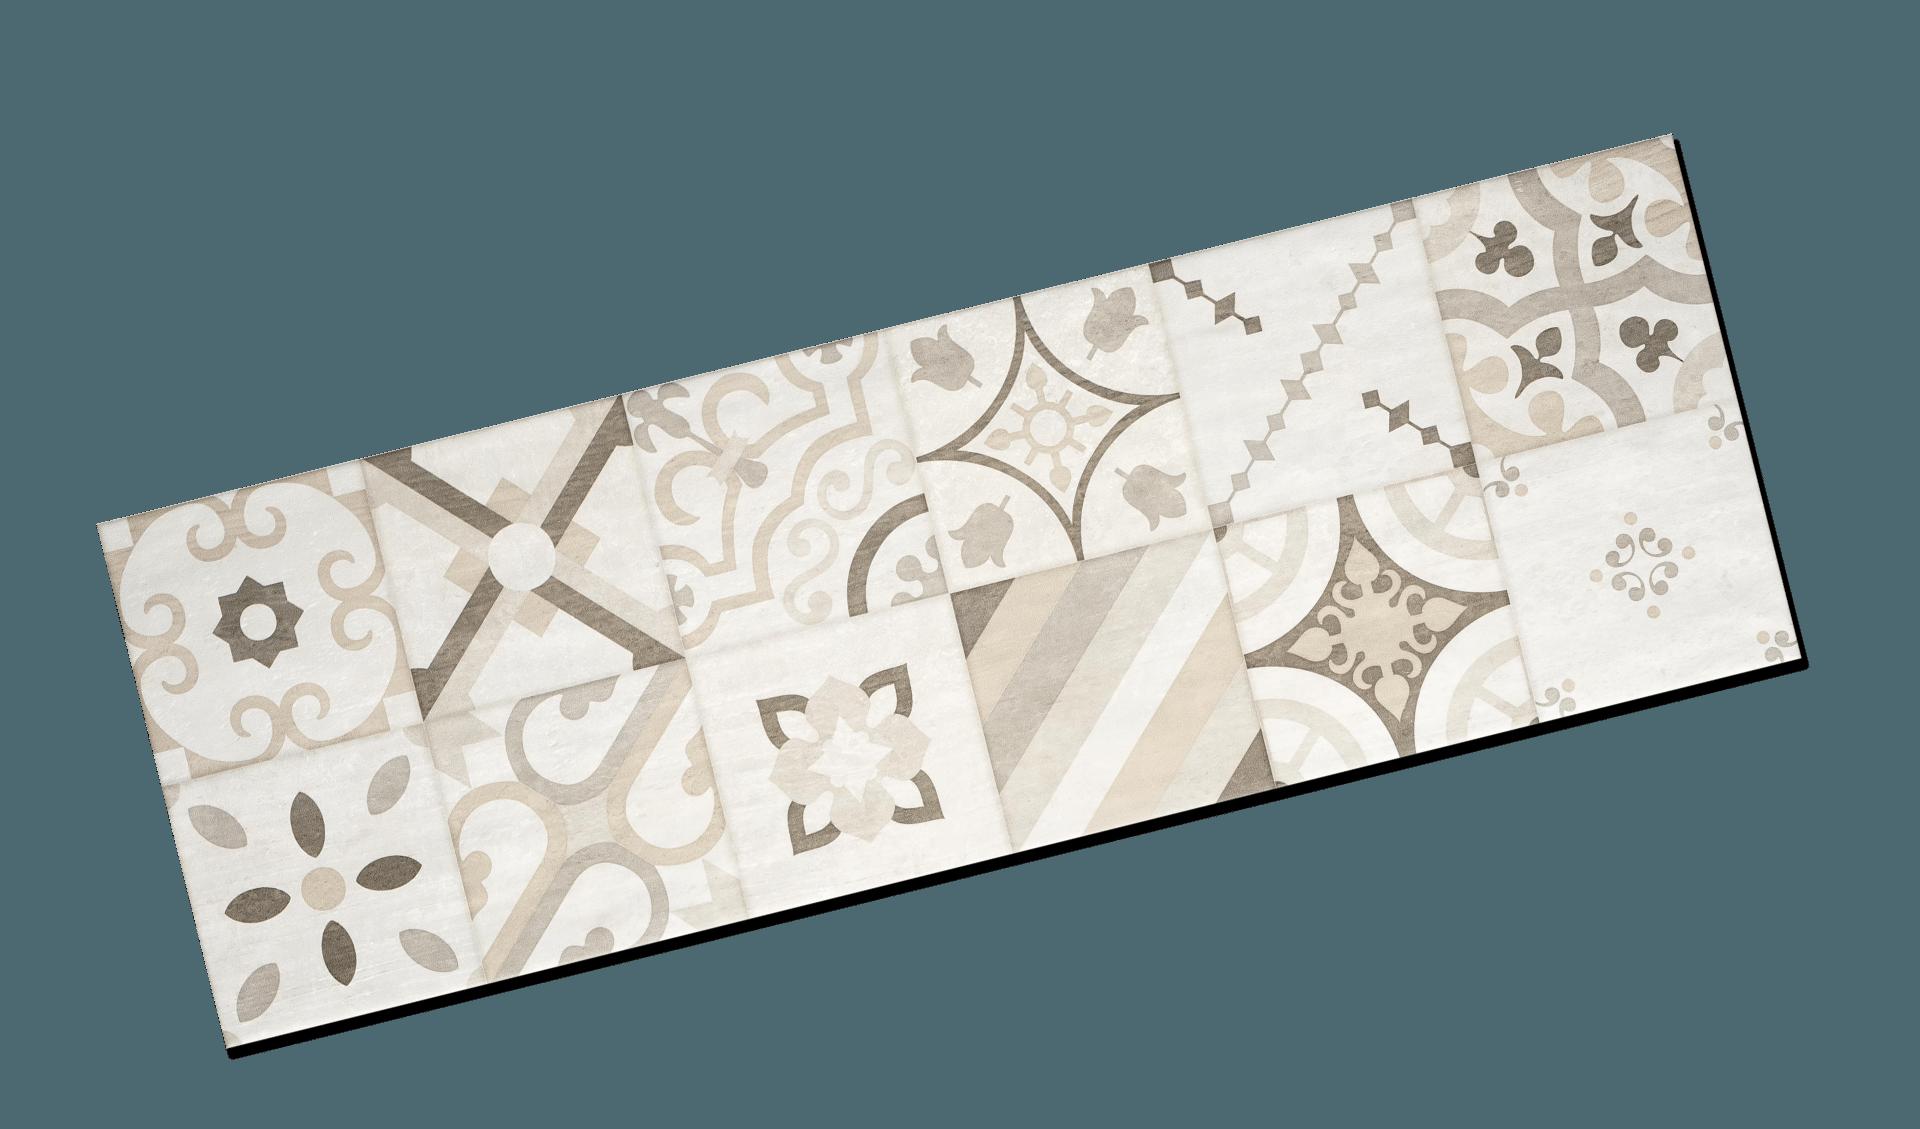 Proveedores de cerámica y gres